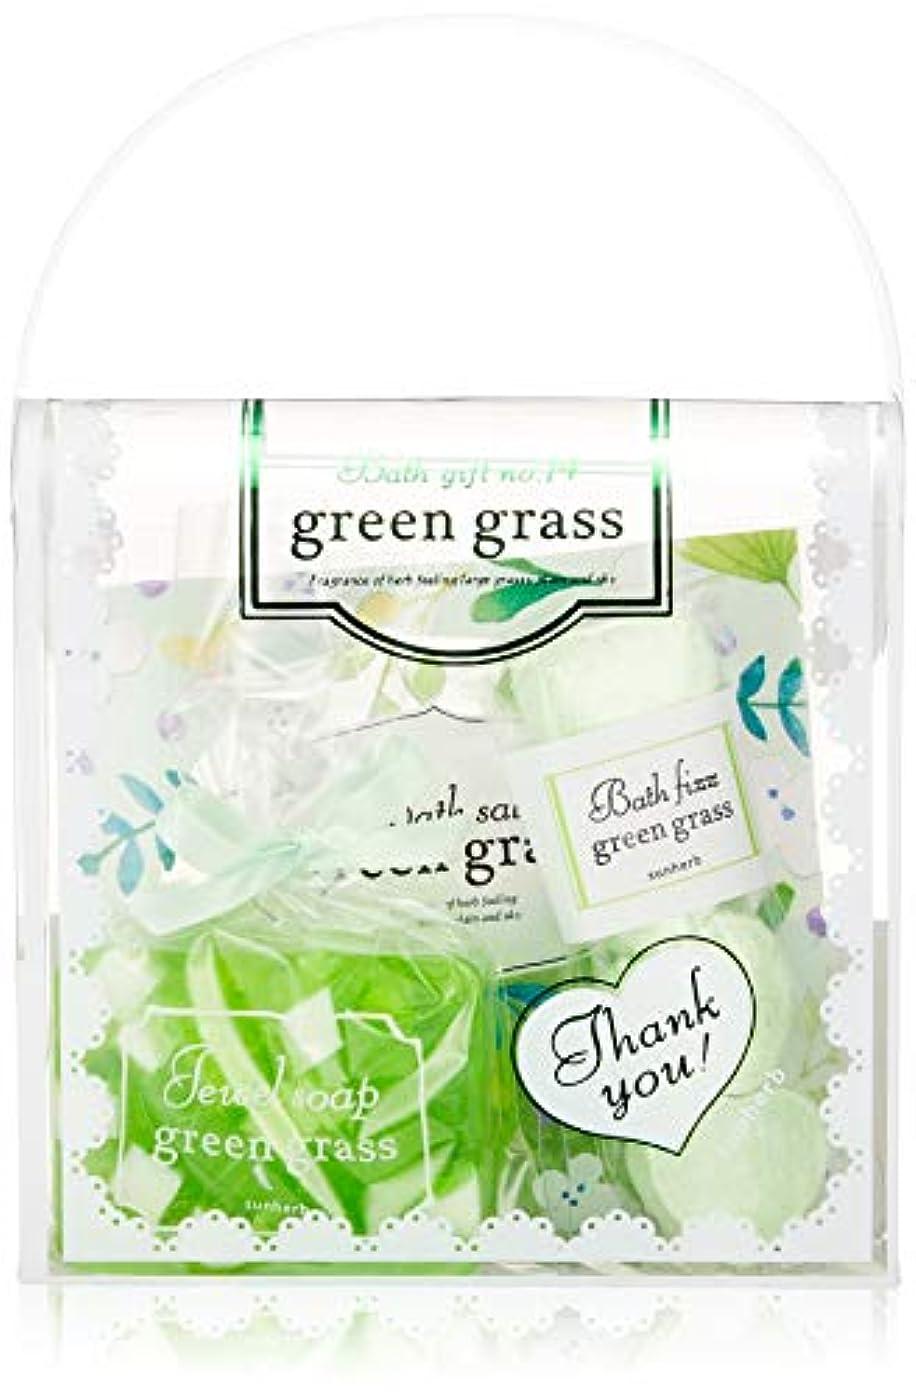 メンバー過剰に変わるサンハーブ バスギフトNo.14 グリーングラス (バッグ型のバスセット 爽やかですこし大人な香り)